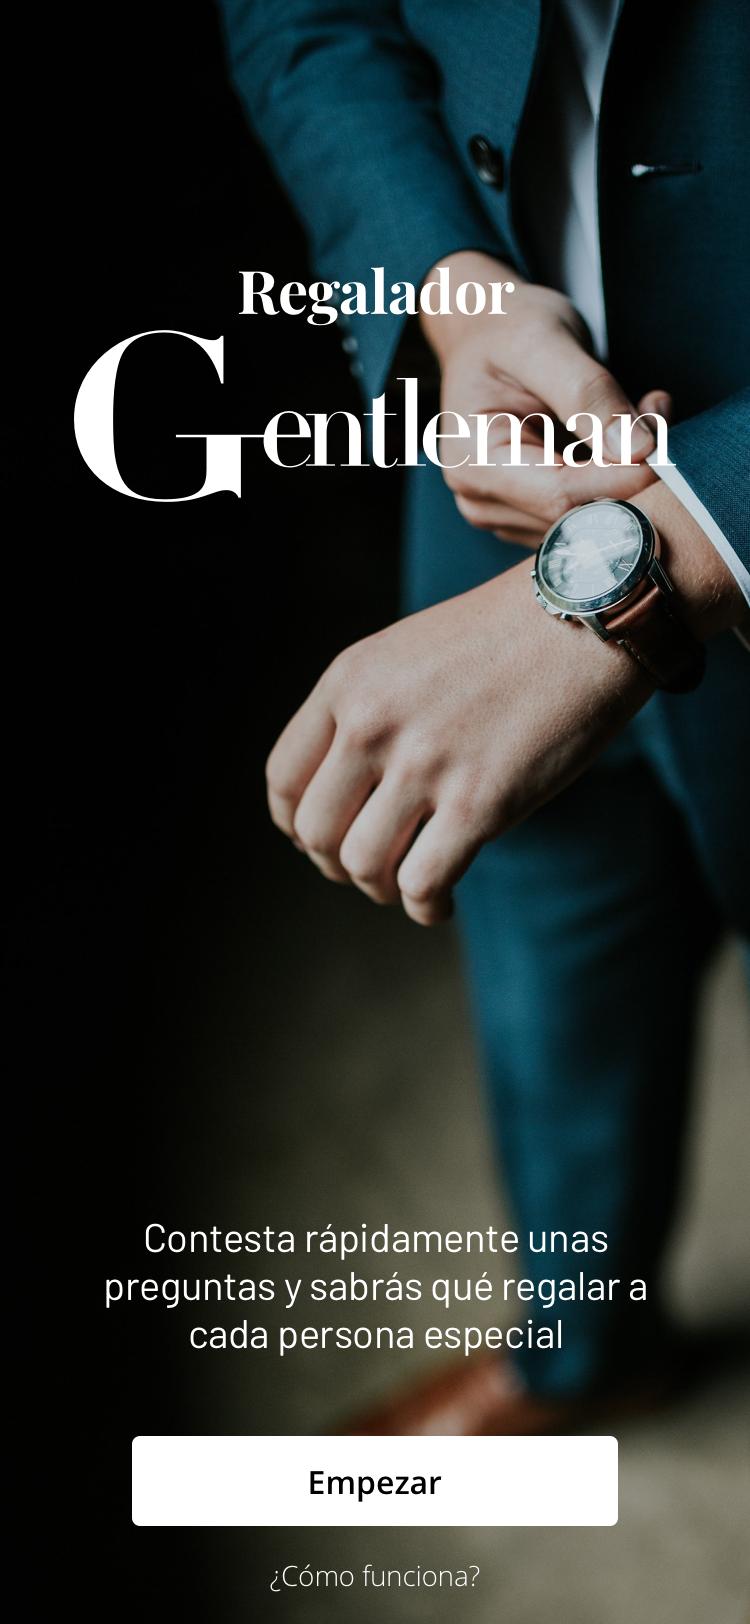 1. Regalador Gentleman. ONBOARDING